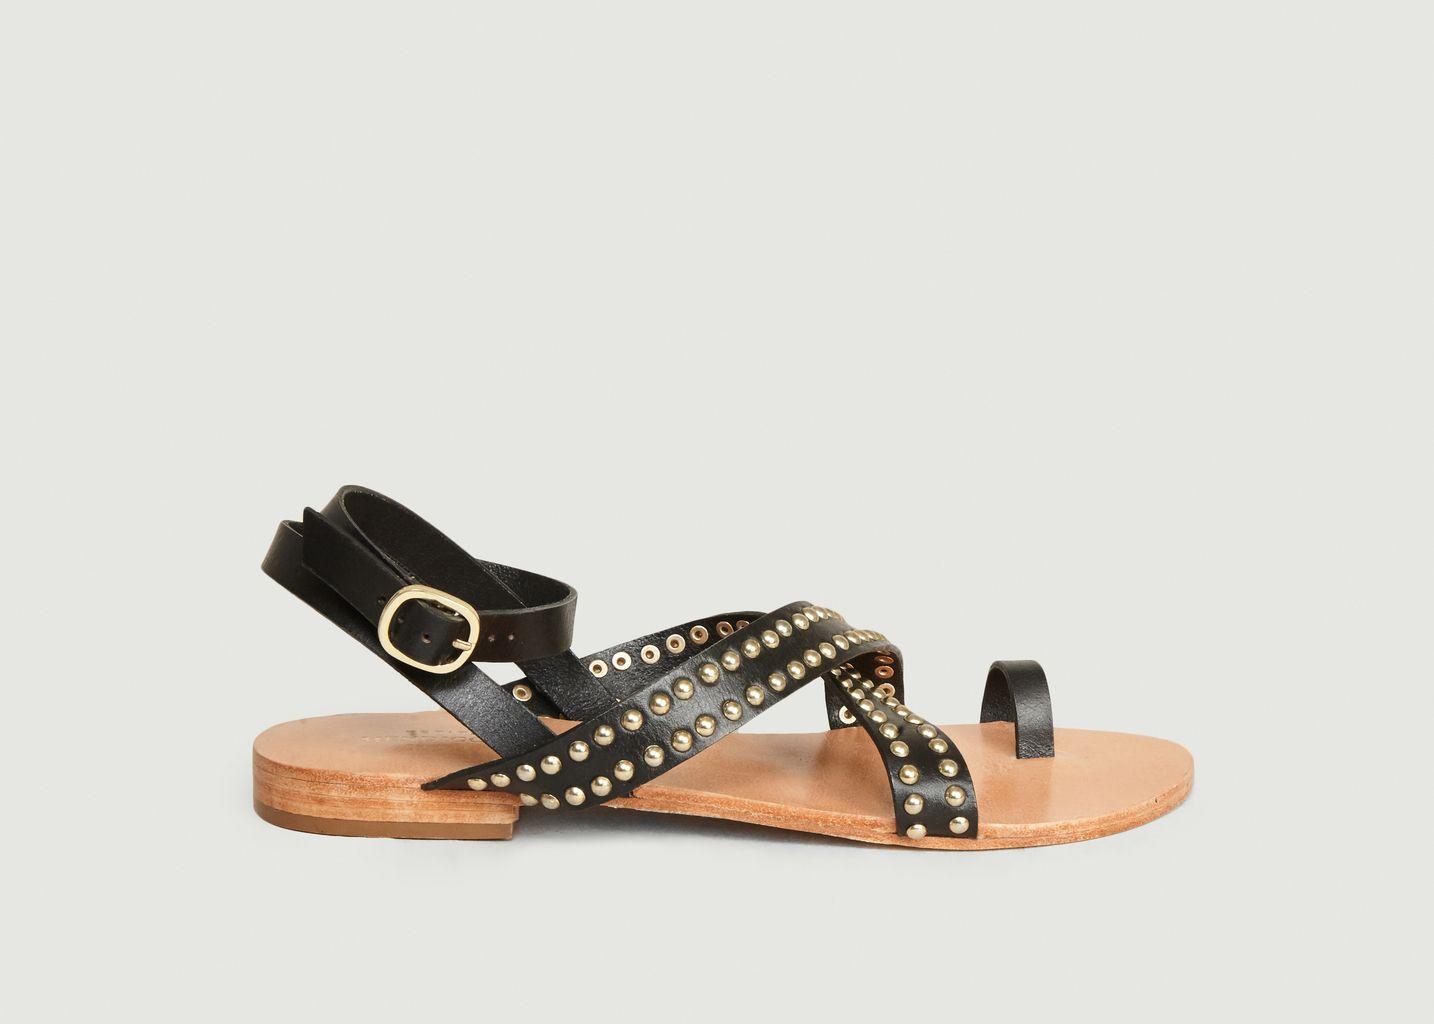 Sandales En Cuir Avec Studs Benito - Petite Mendigote